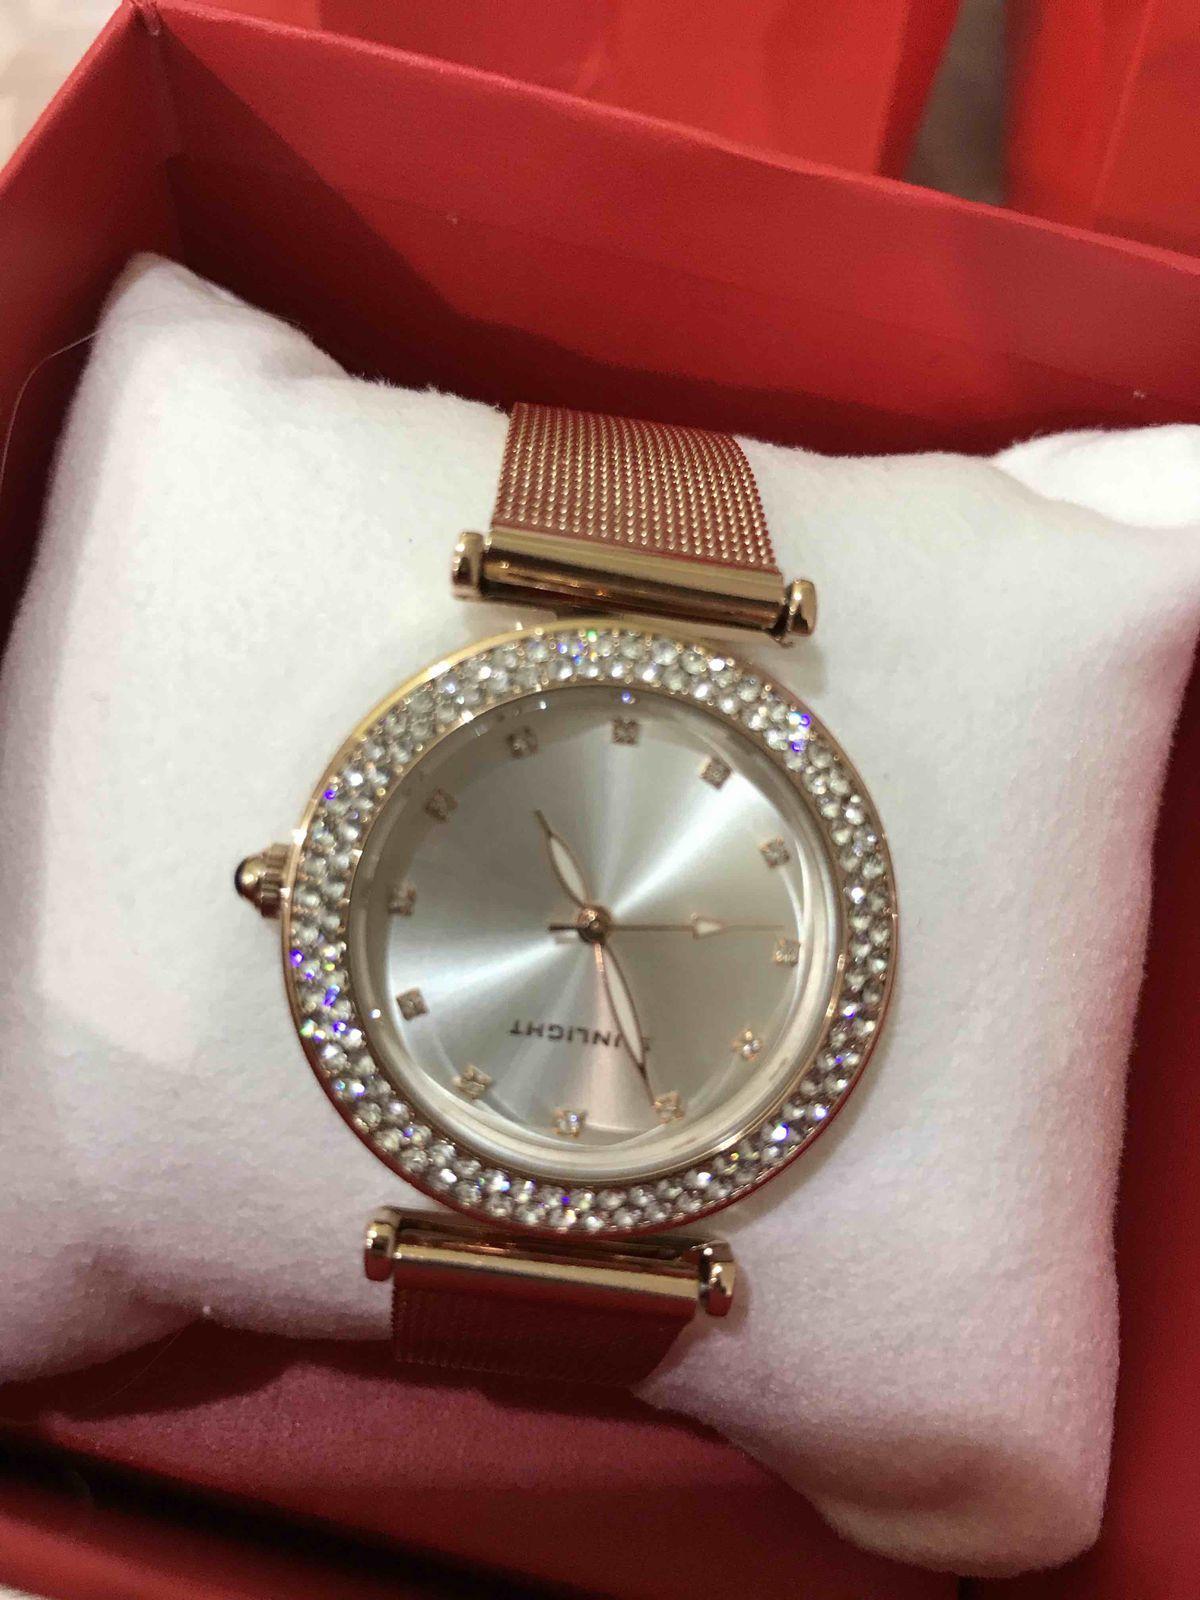 Красивые часы, брала в подарок подруге